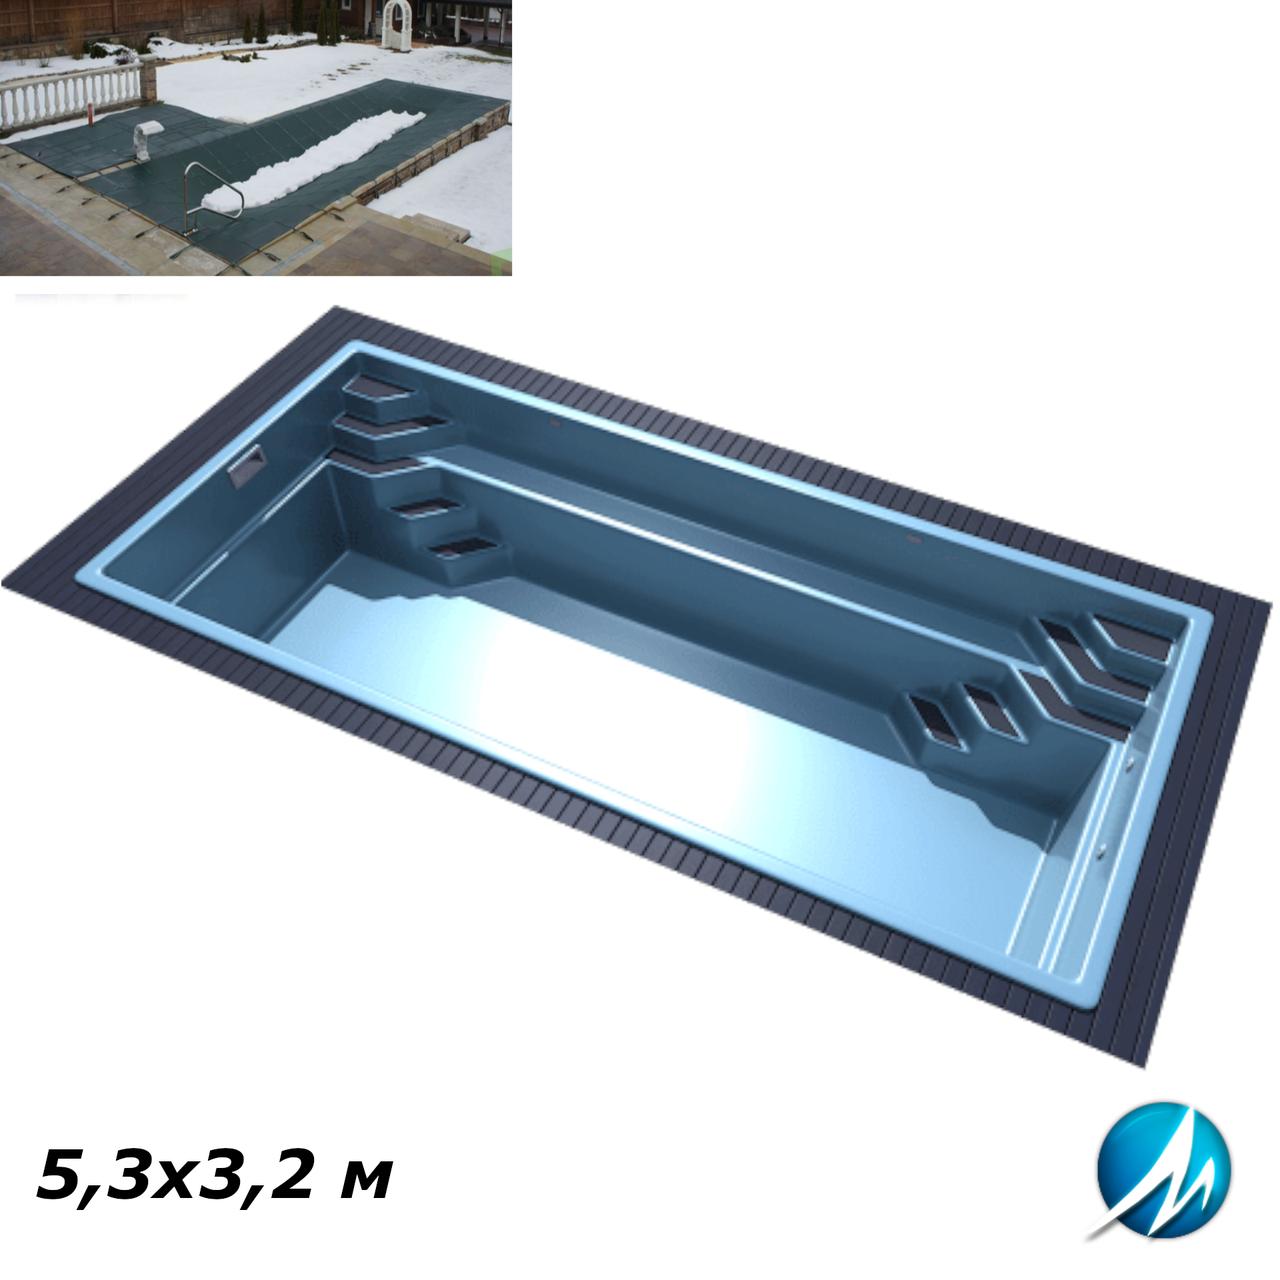 Зимовий накриття для скловолоконного басейну 5,3х3,2 м